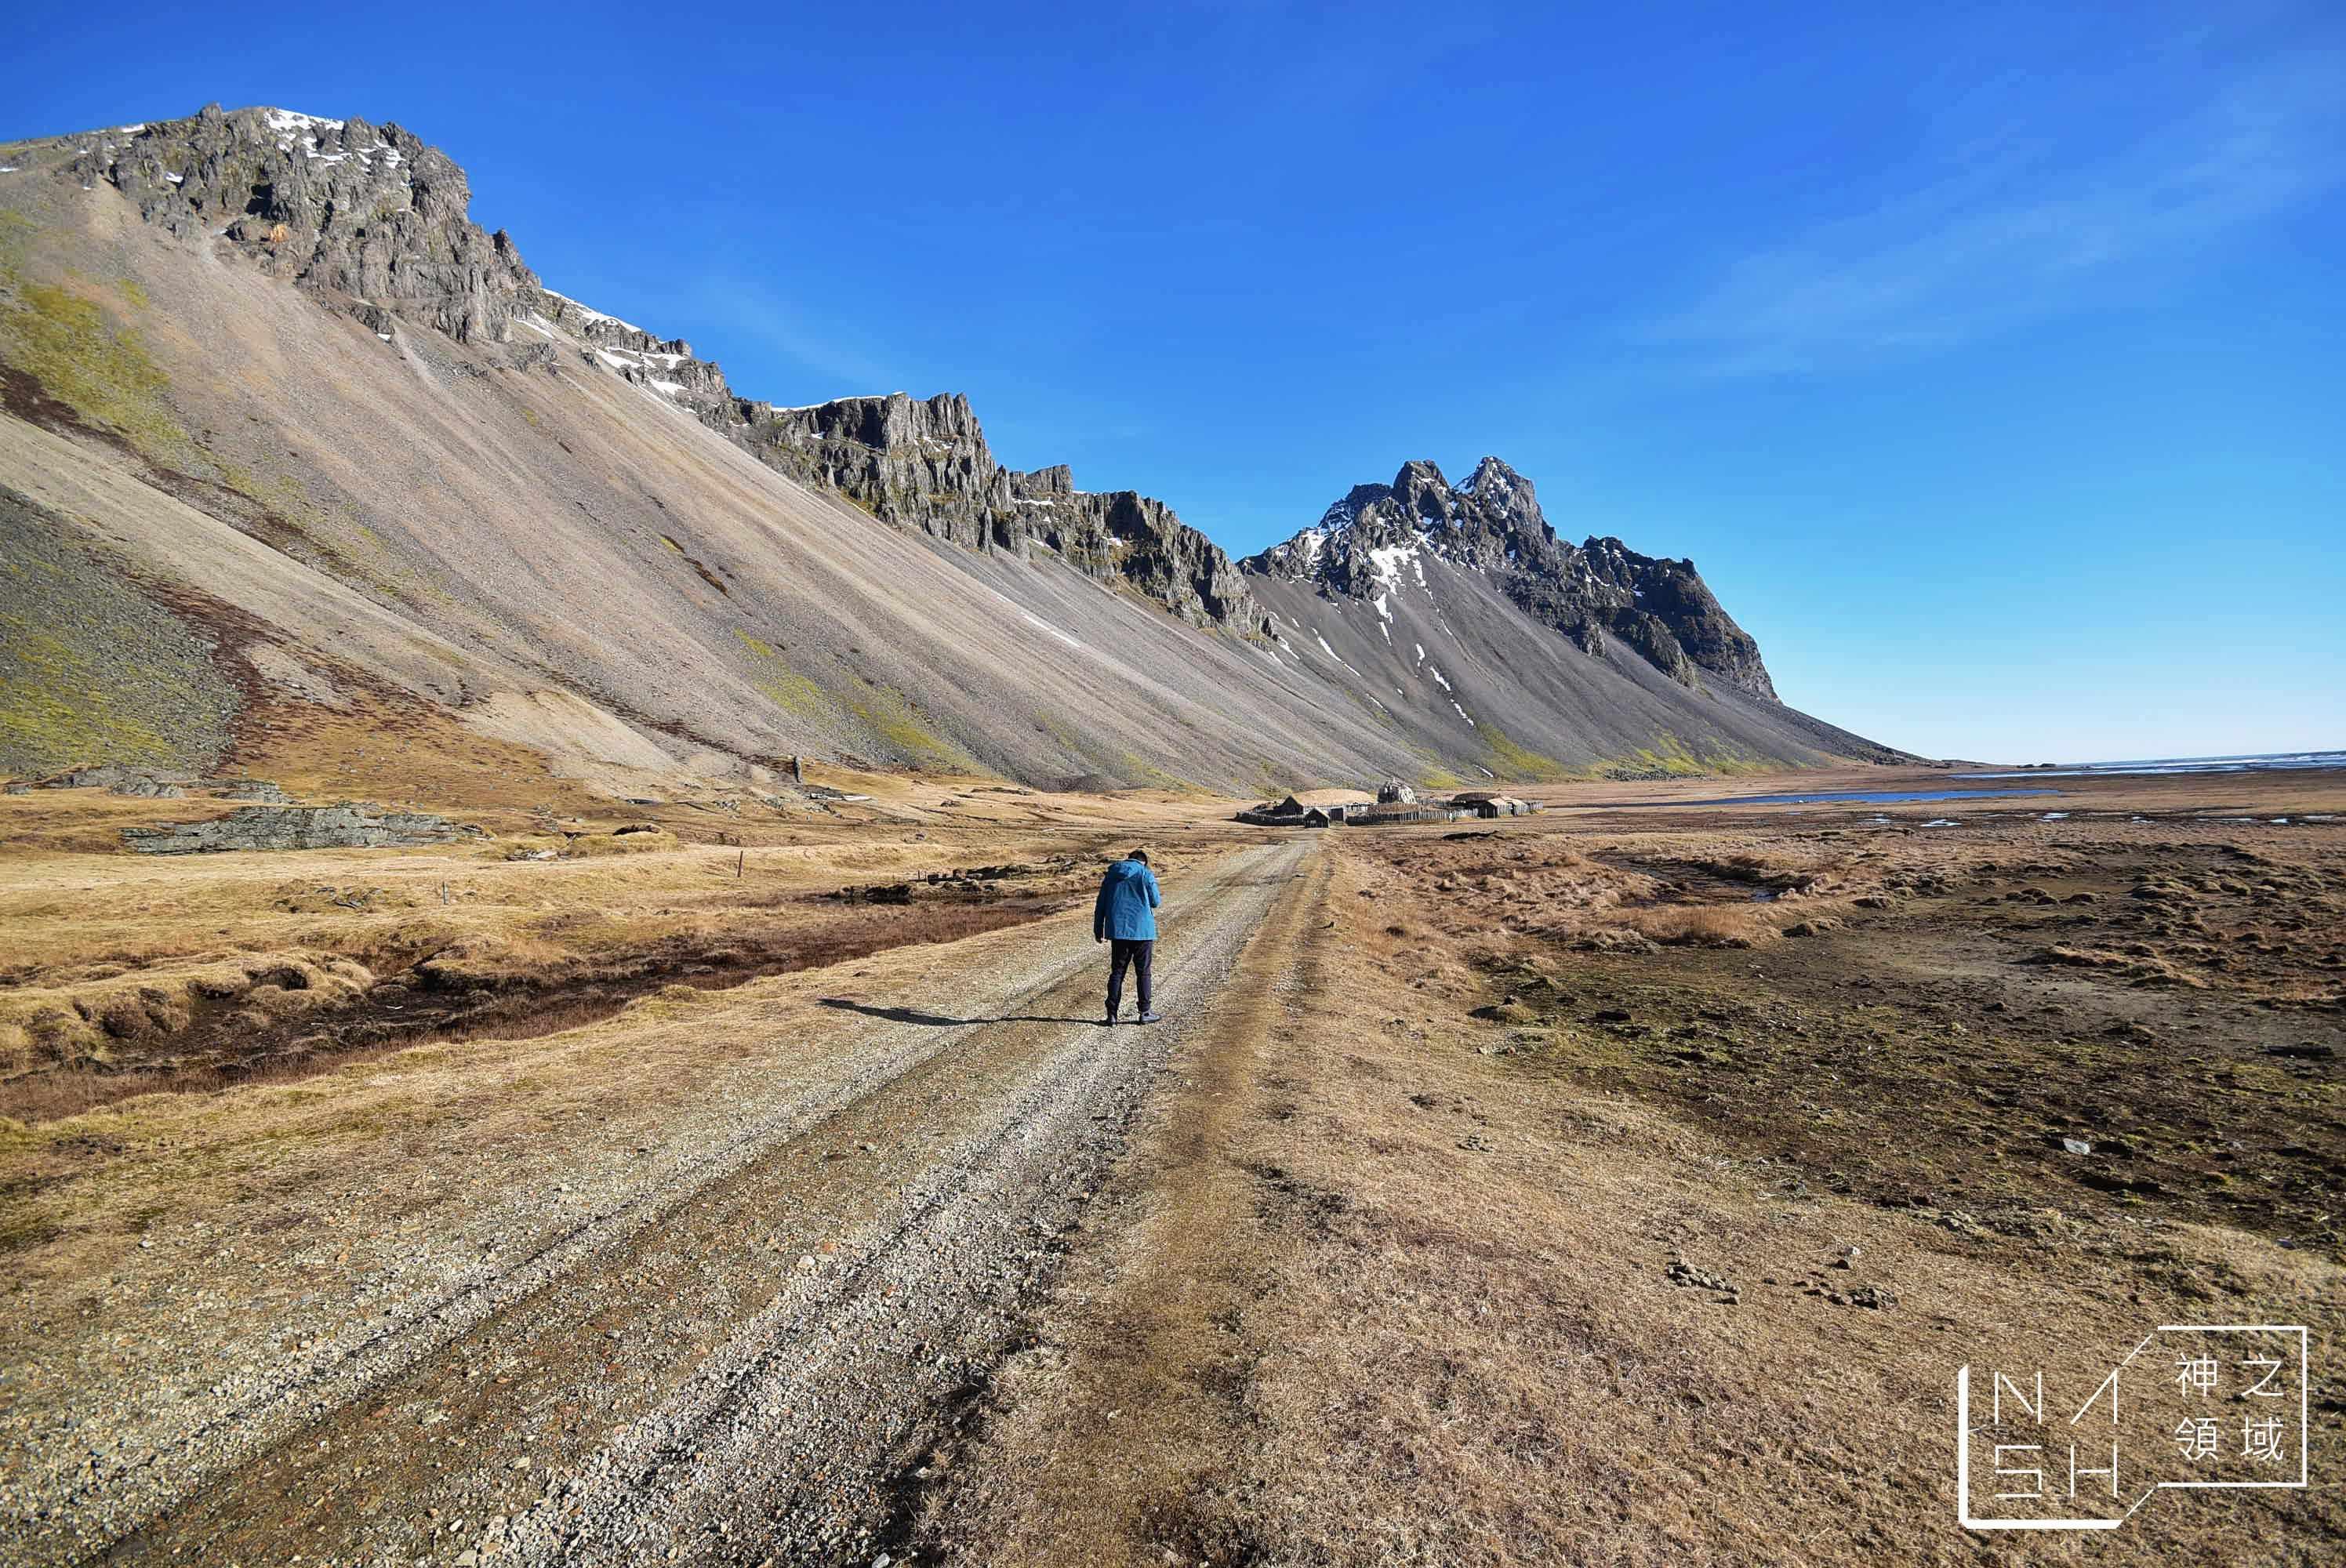 冰島自由行環島景點推薦,冰島赫本景點推薦,蝙蝠山 @Nash,神之領域